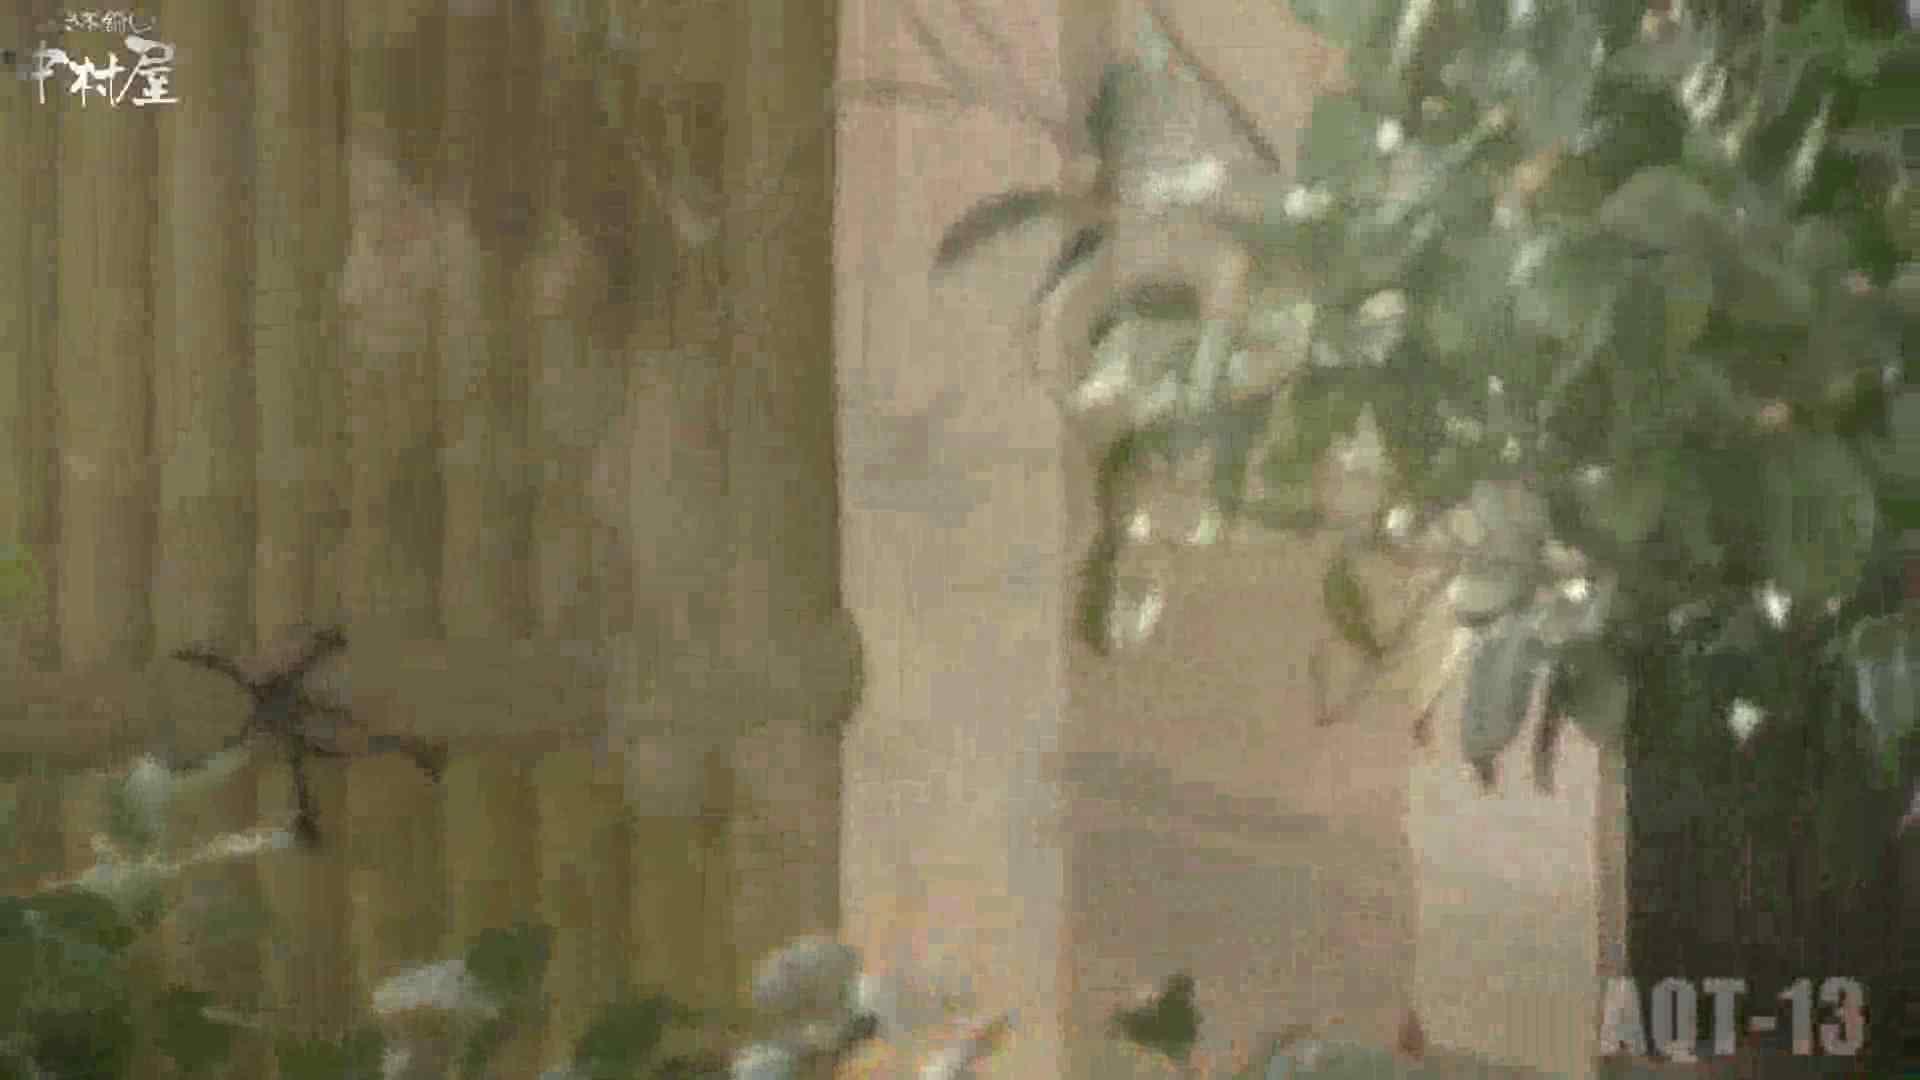 Aquaな露天風呂Vol.877潜入盗撮露天風呂十三判湯 其の三 HなOL | 露天  77pic 30